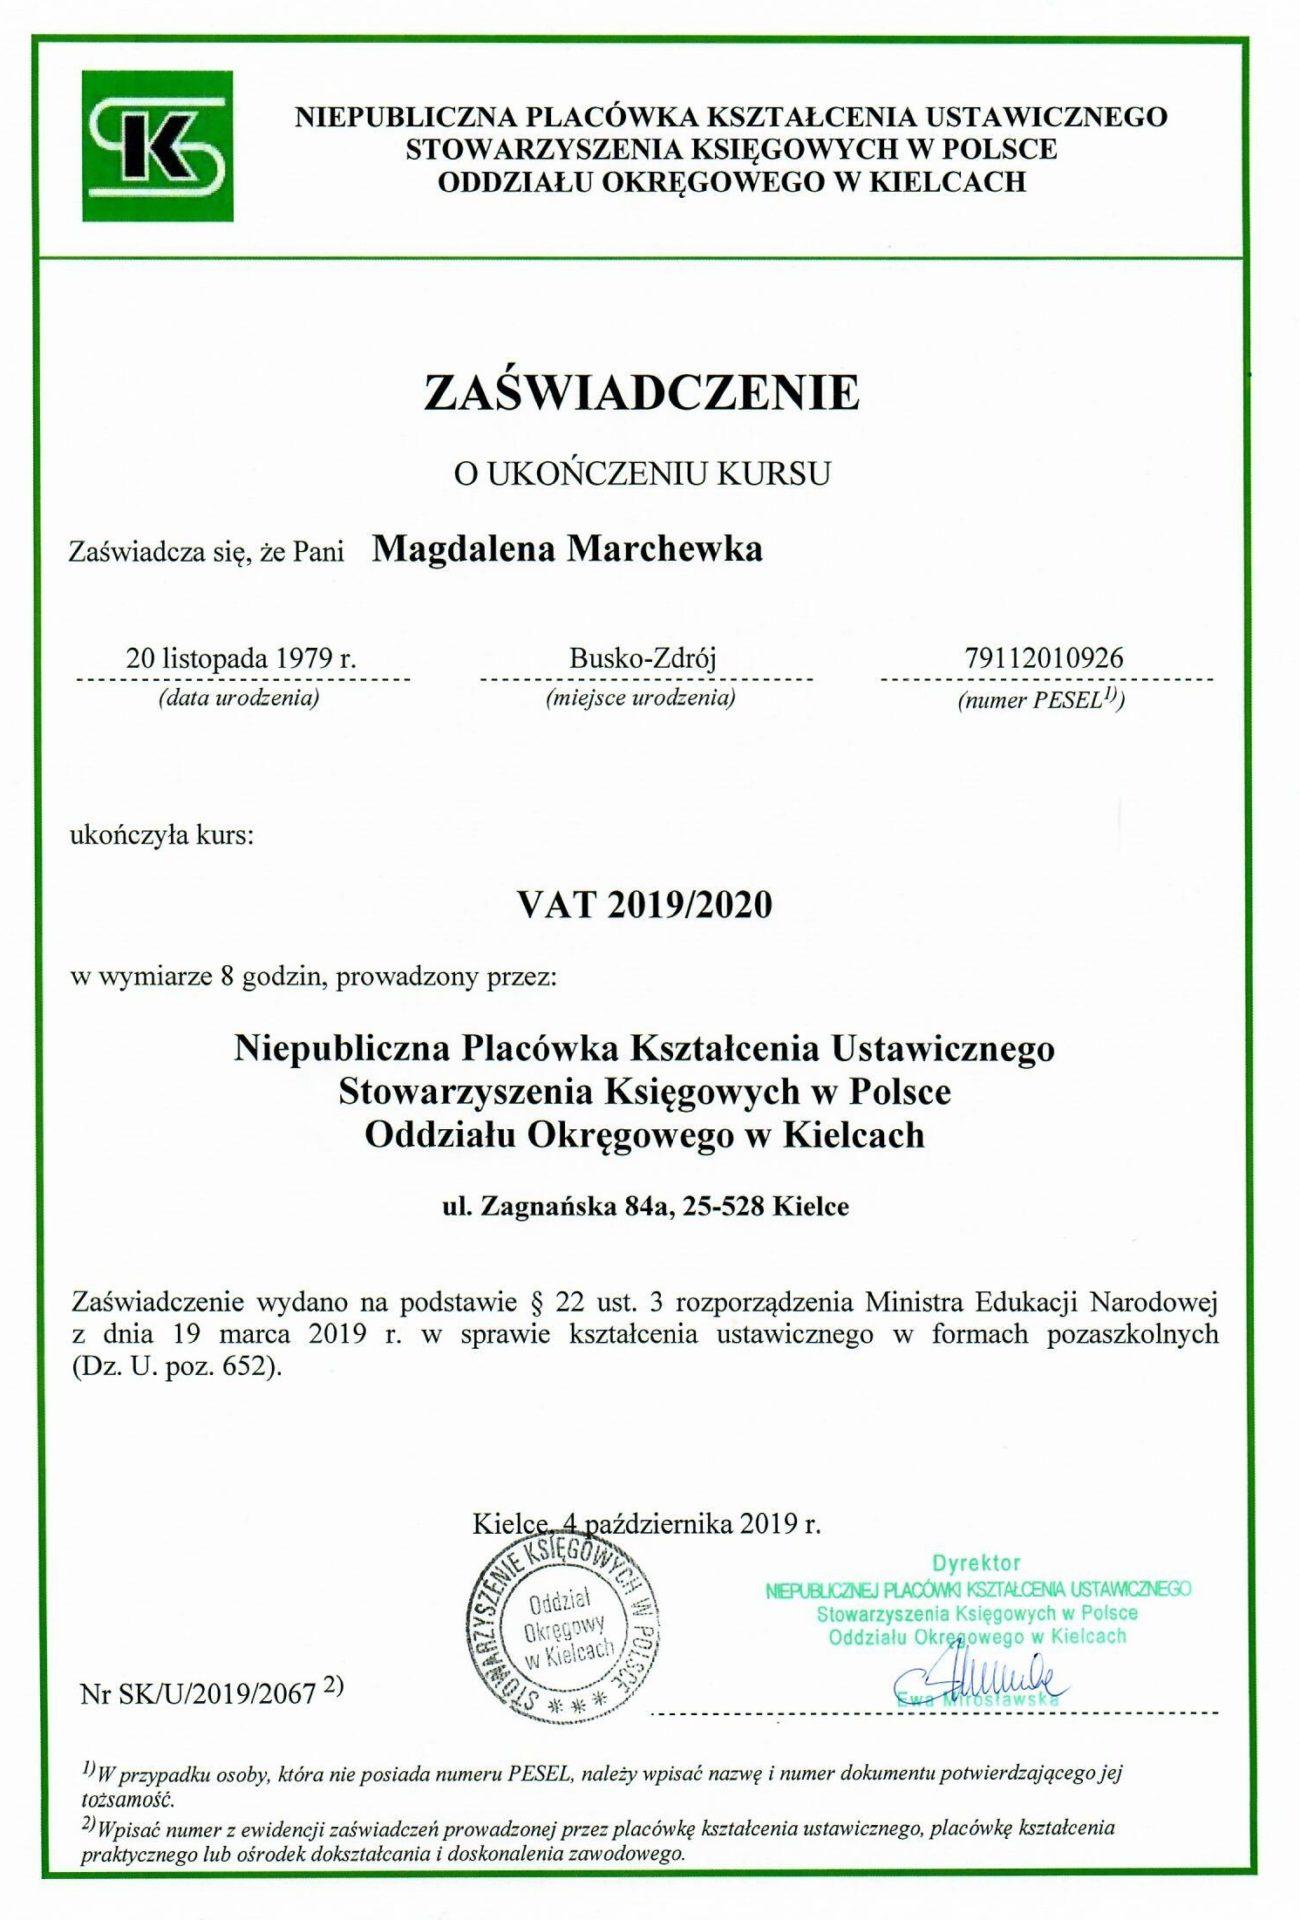 Zaświadczenie o ukończeniu kursu. VAT 2019/2020